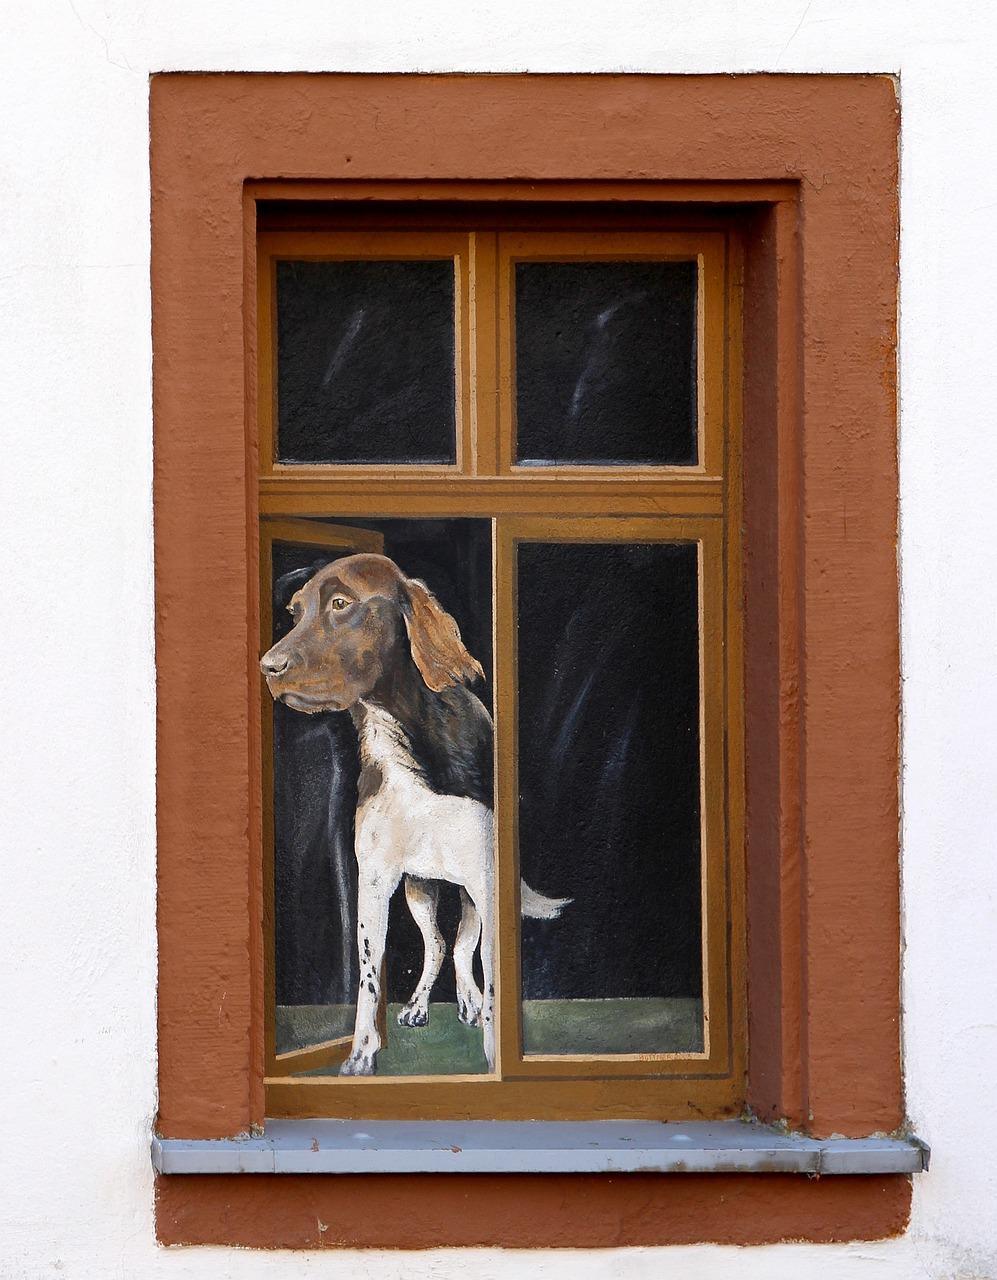 Смешные картинки собаки и окна, комплименты